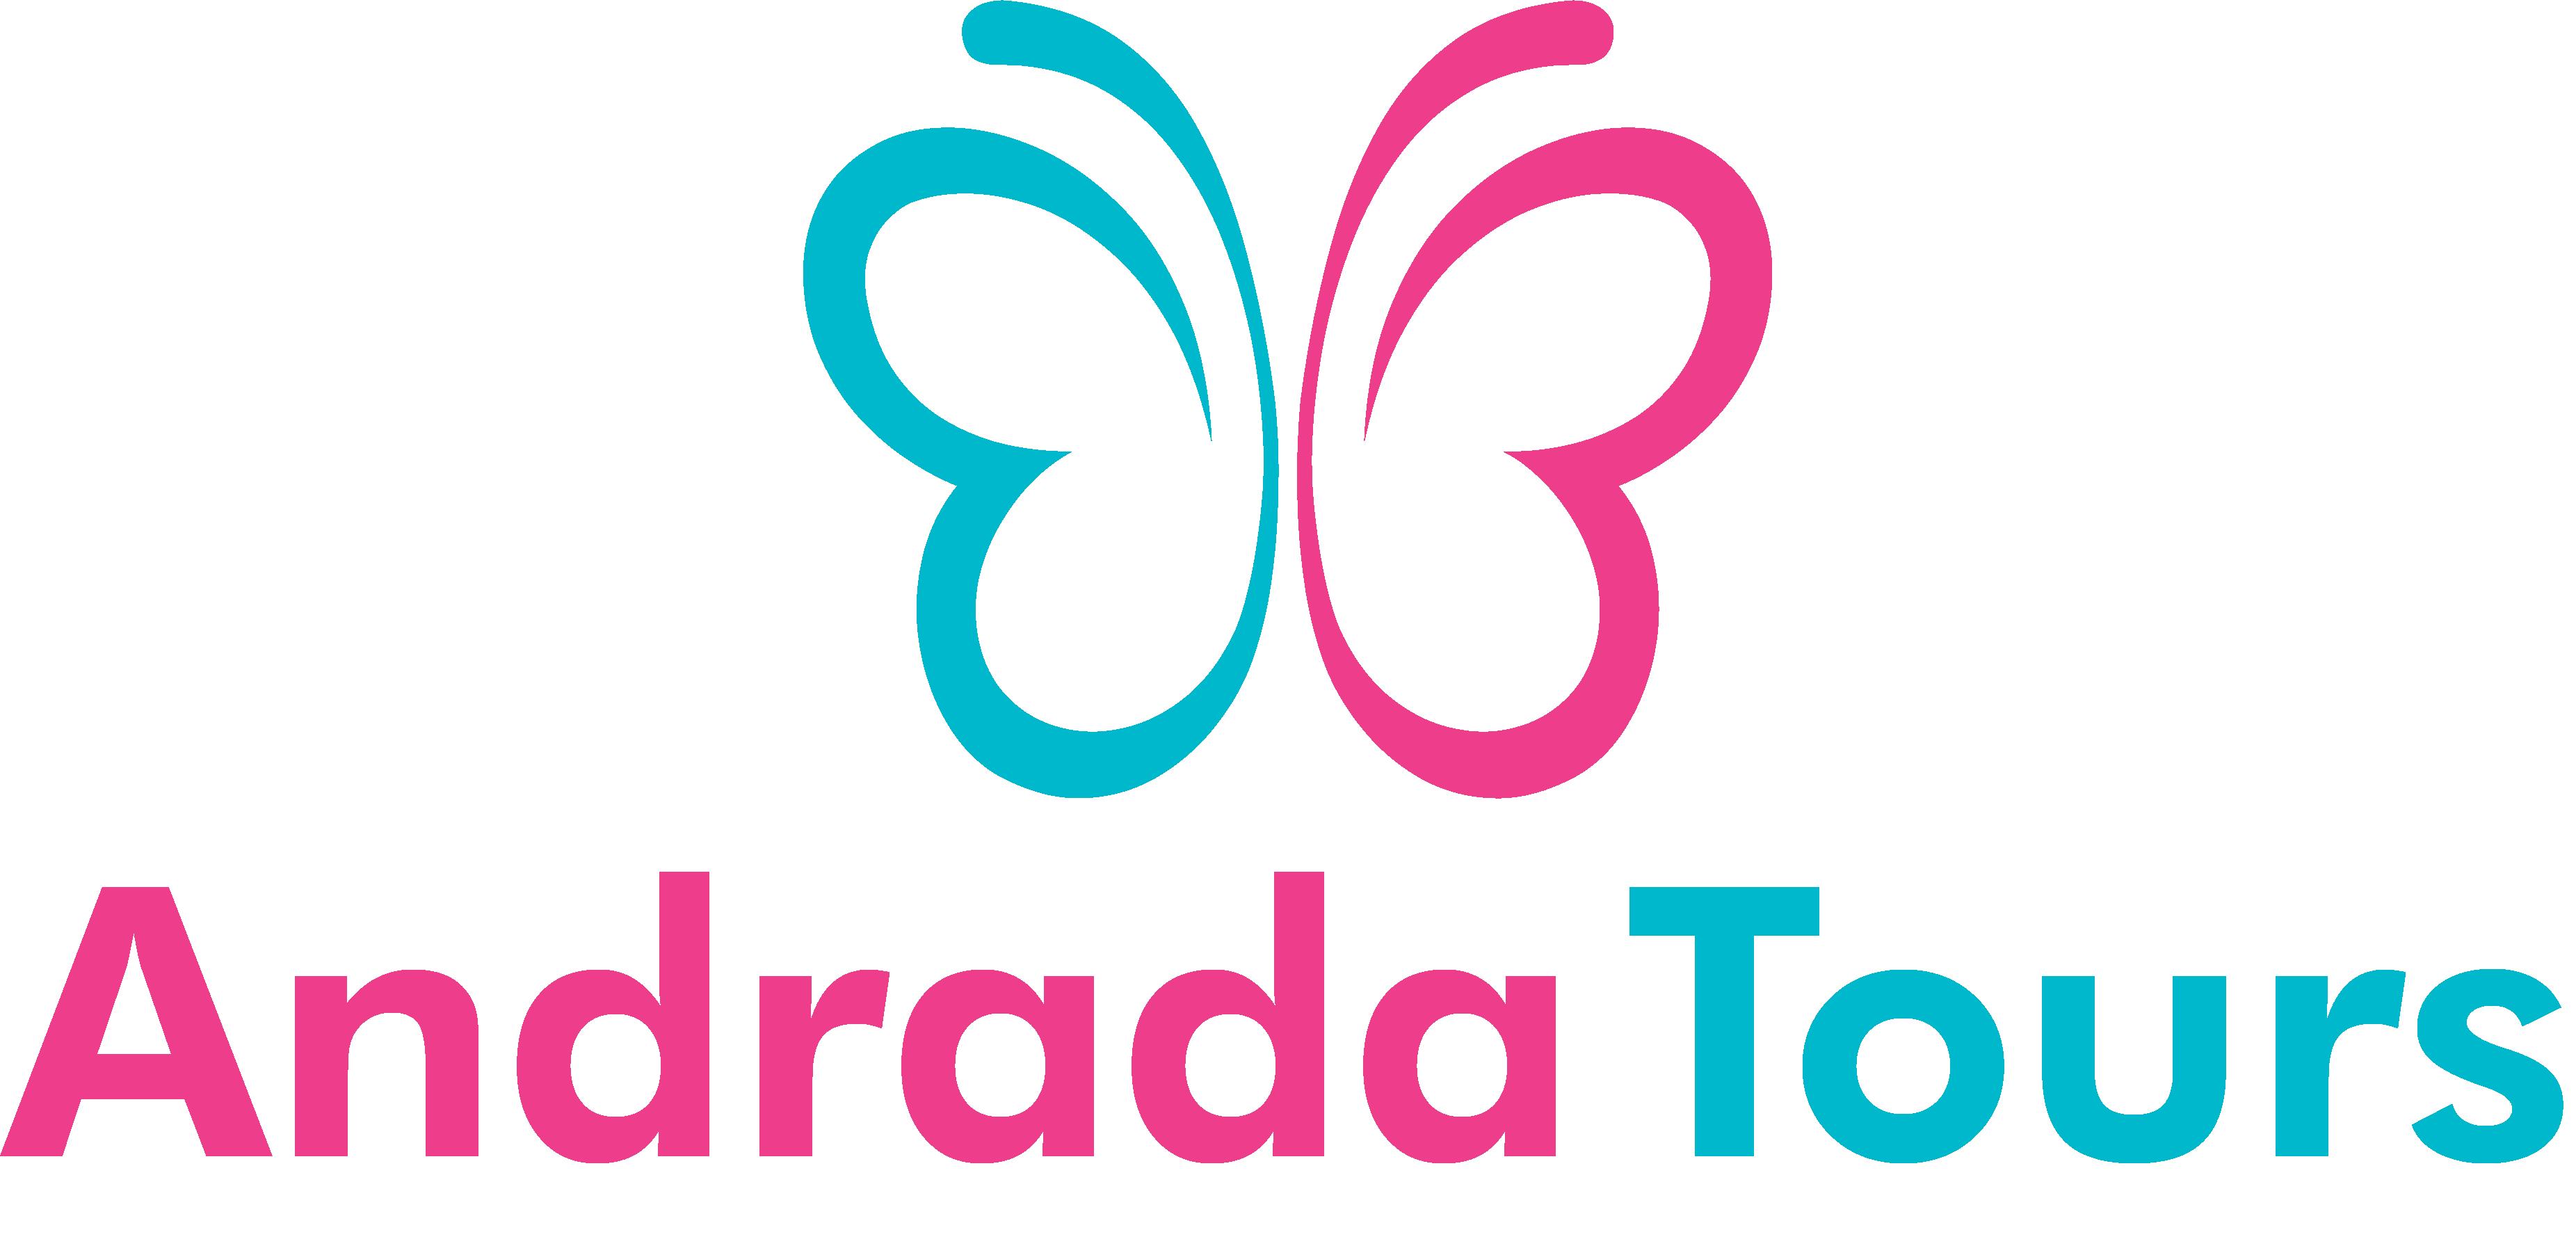 ANDRADA TOURS